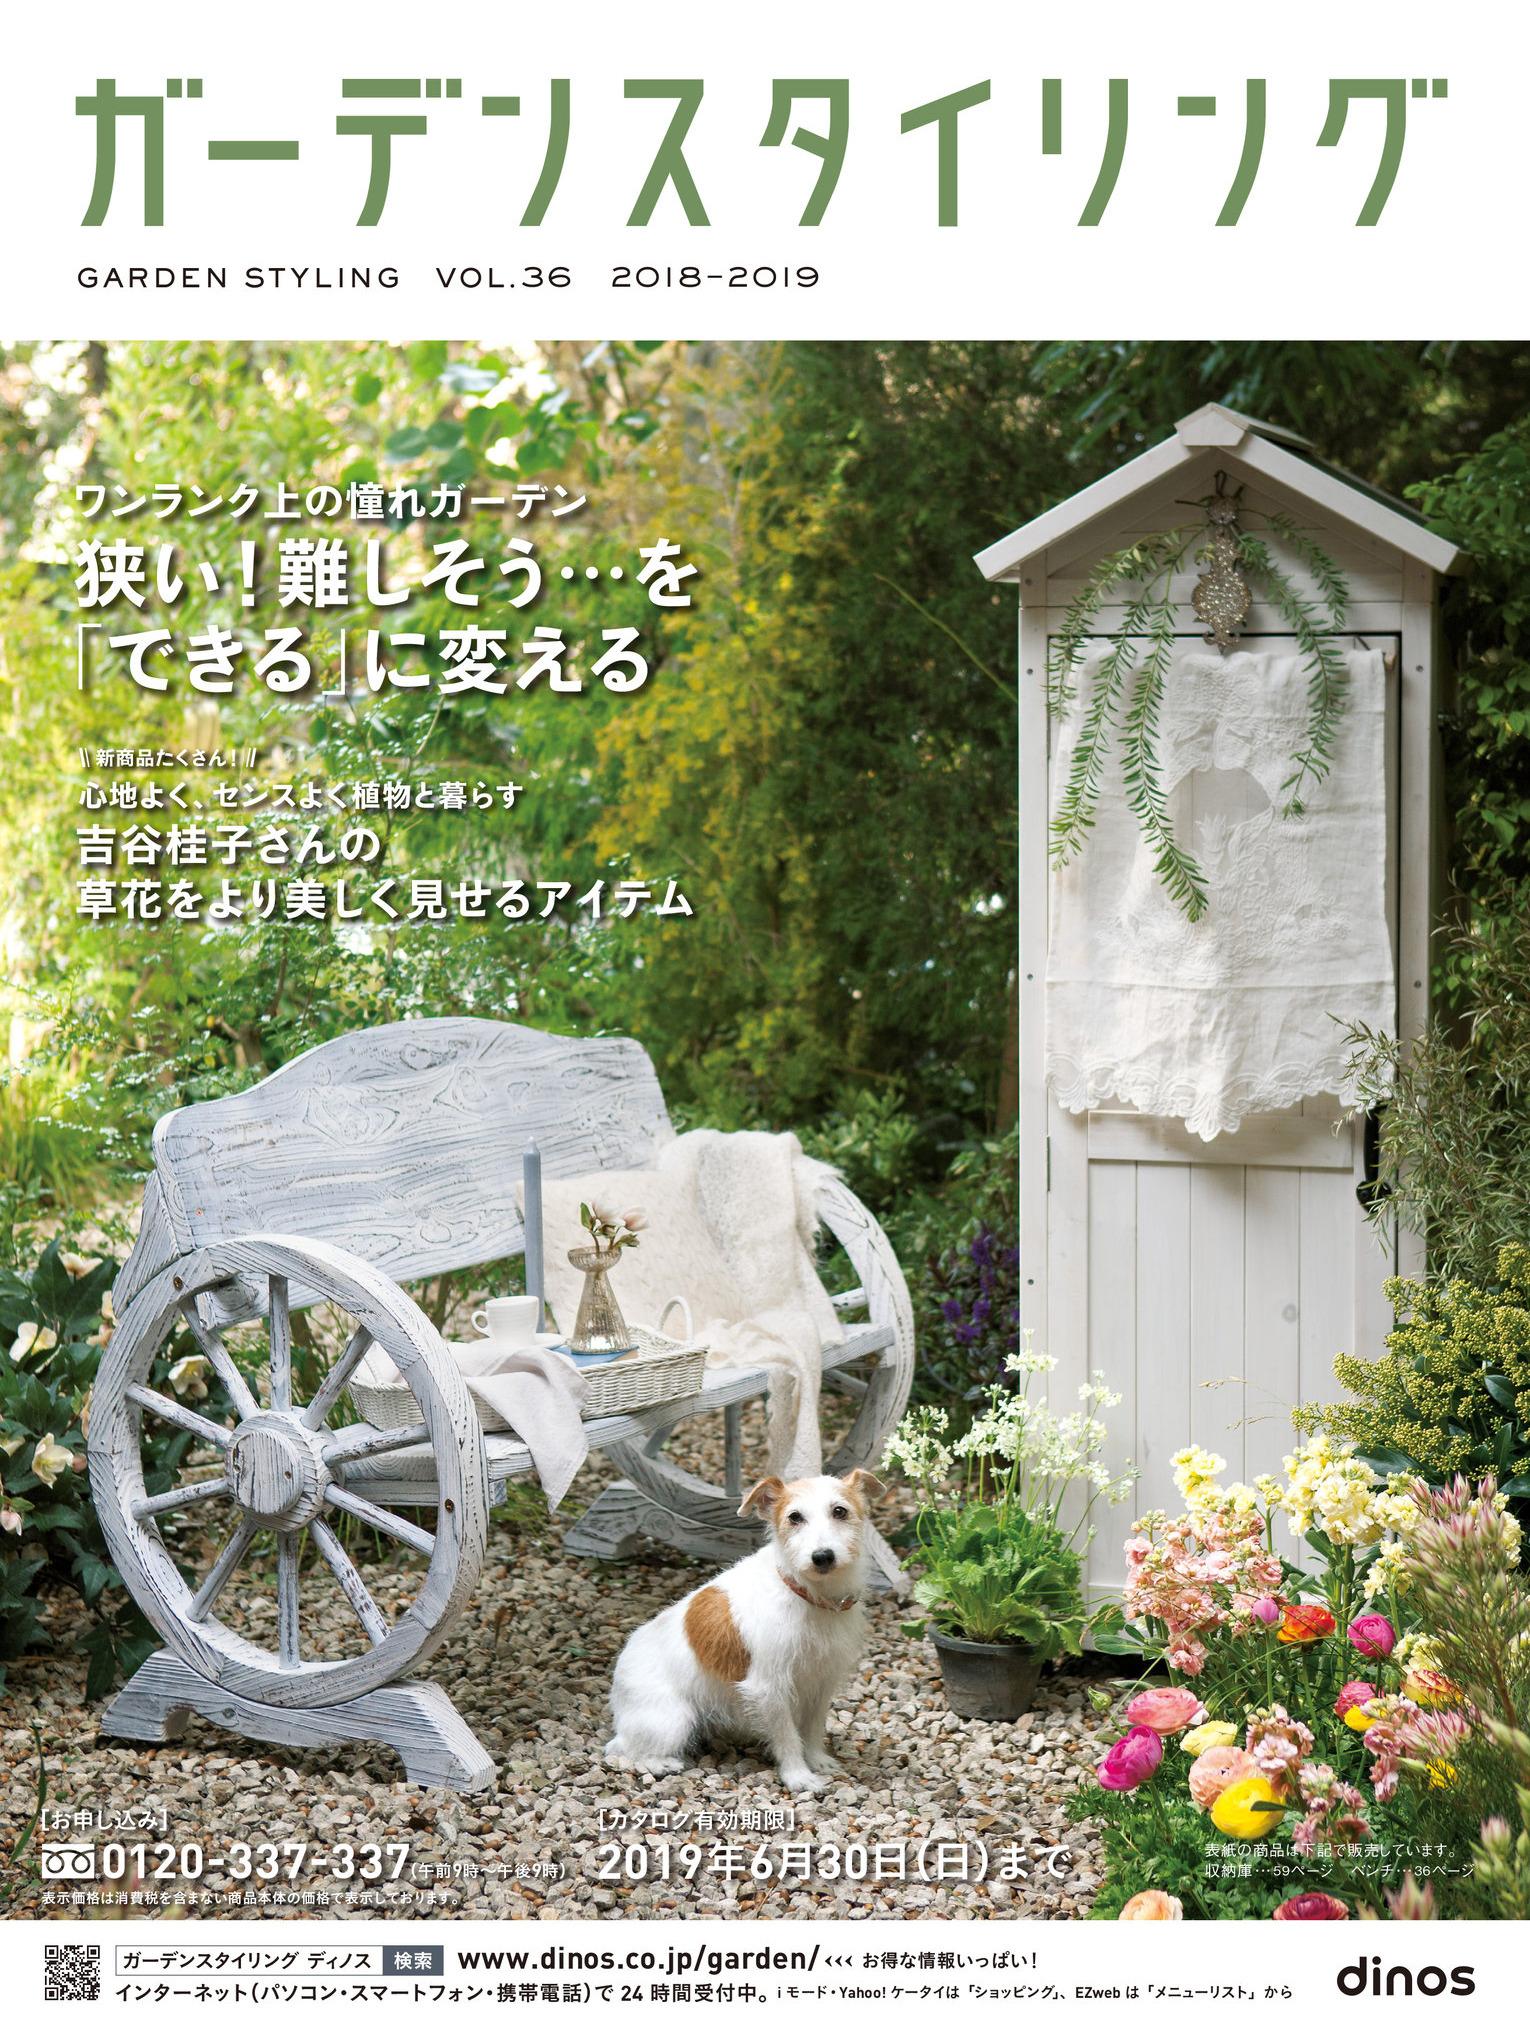 《ガーデンスタイリング》日本版时尚家居杂志2018年夏季号